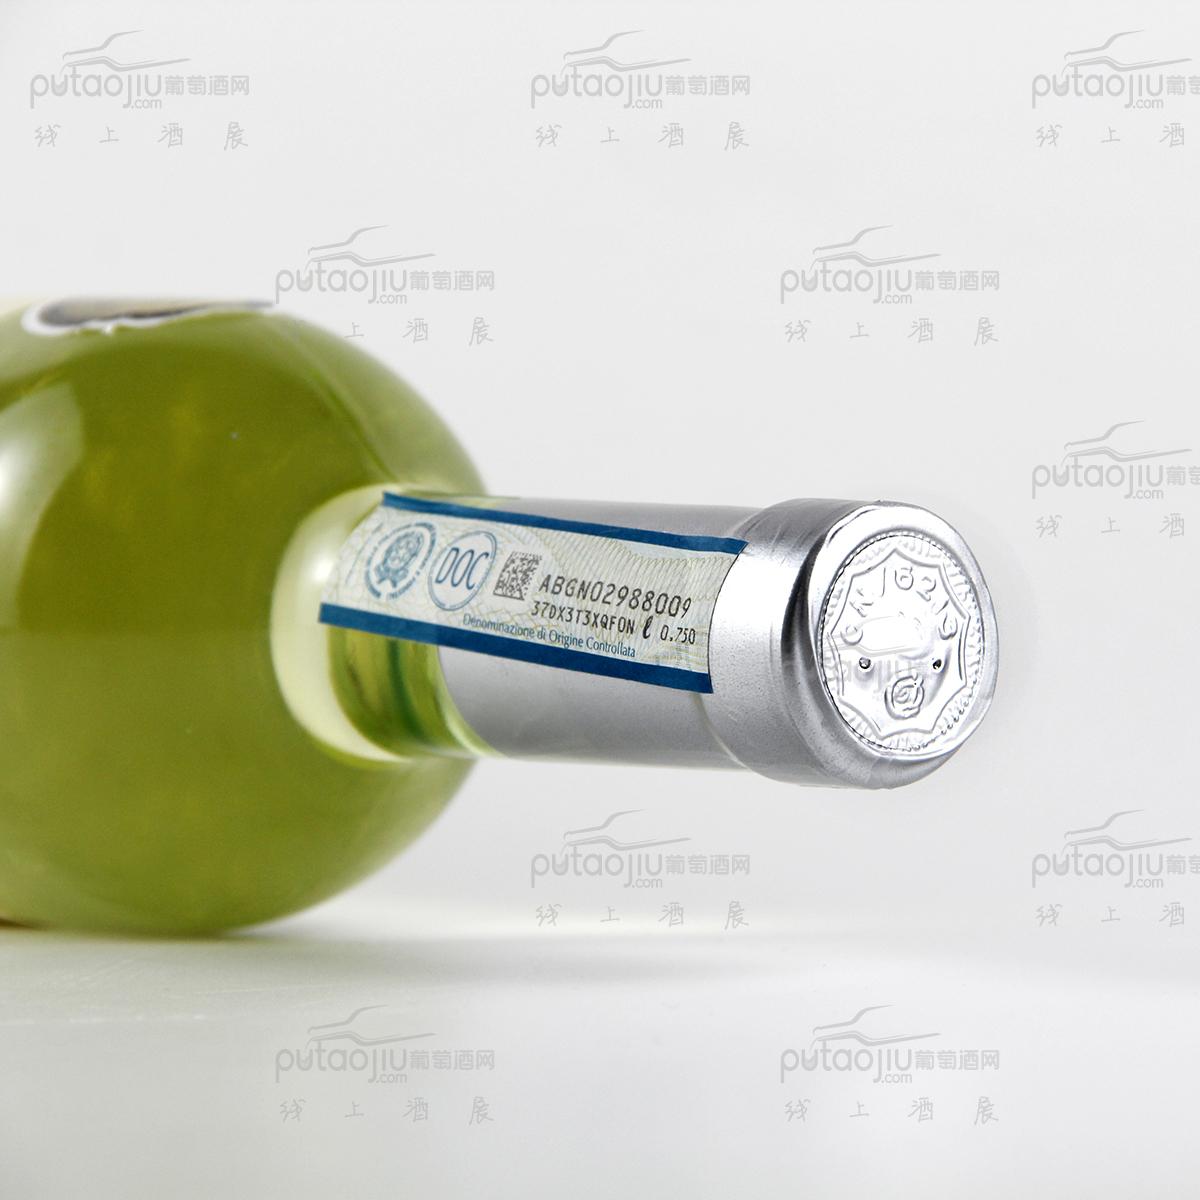 威斯蒙特柯蒂丝白葡萄酒